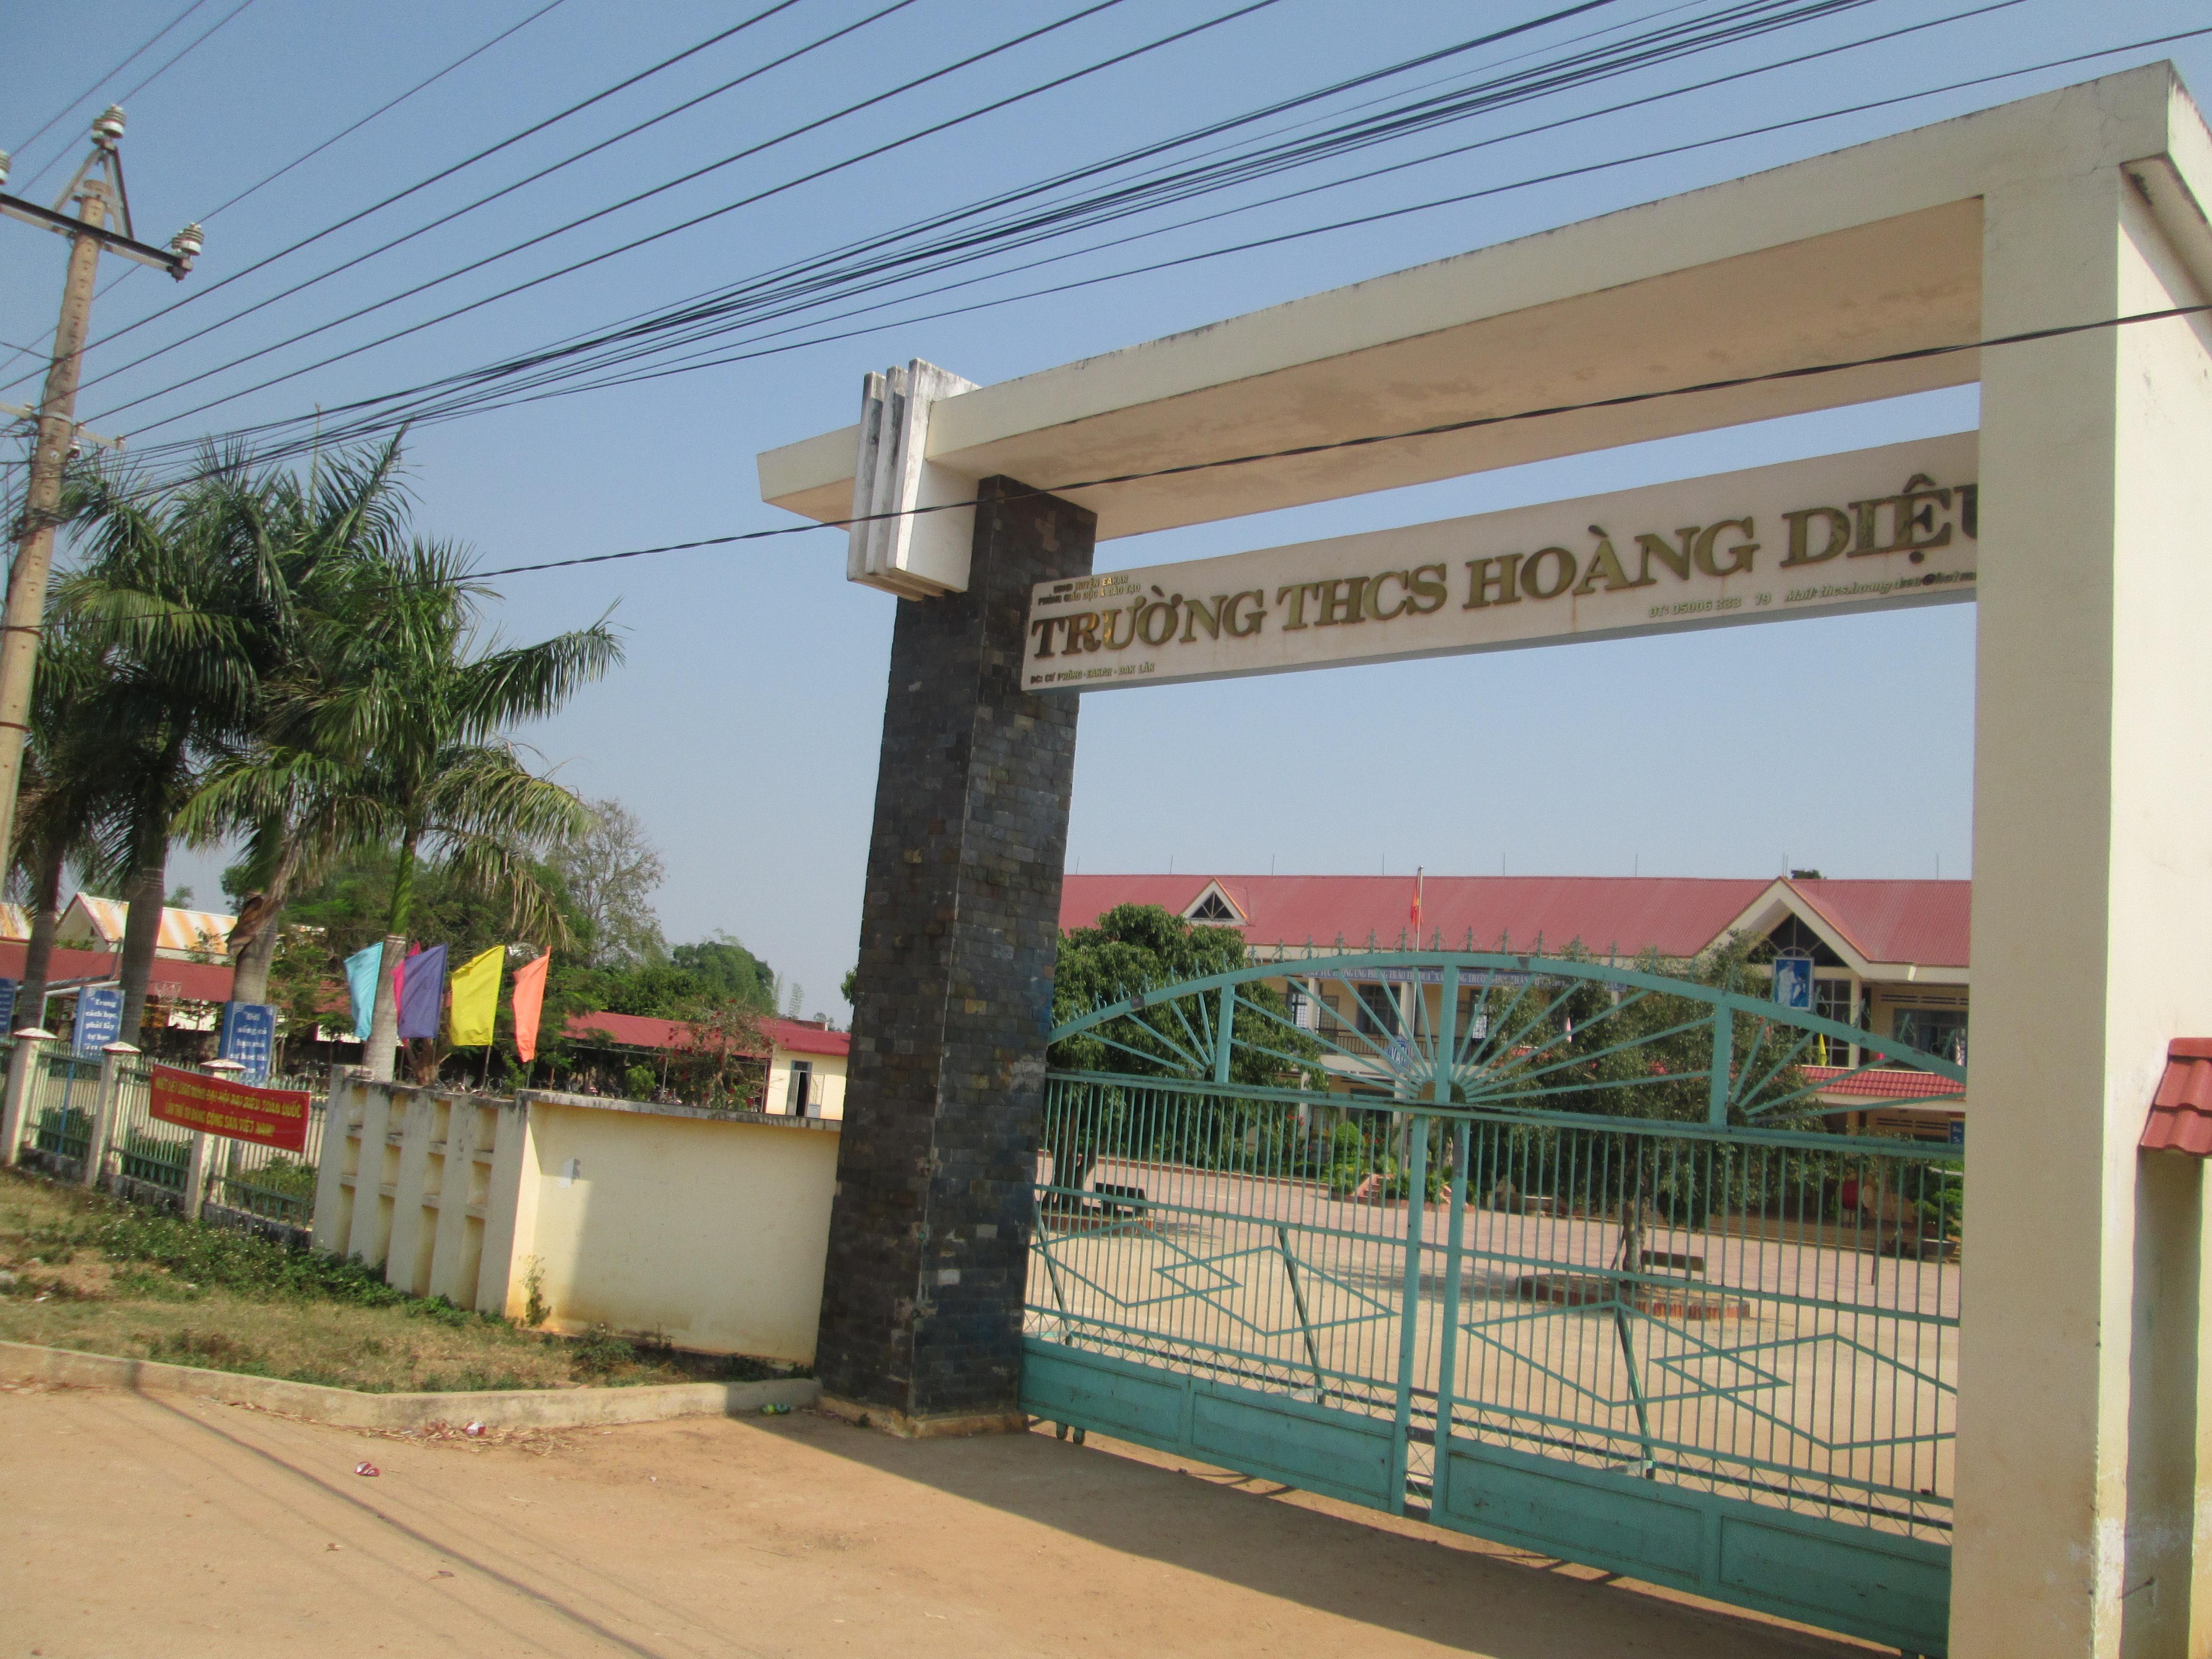 Giao đất tại xã Cư Prông, huyện Ea Kar cho Trường Trung học cơ sở Hoàng Diệu để xây dựng Trường Trung học cơ sở Hoàng Diệu